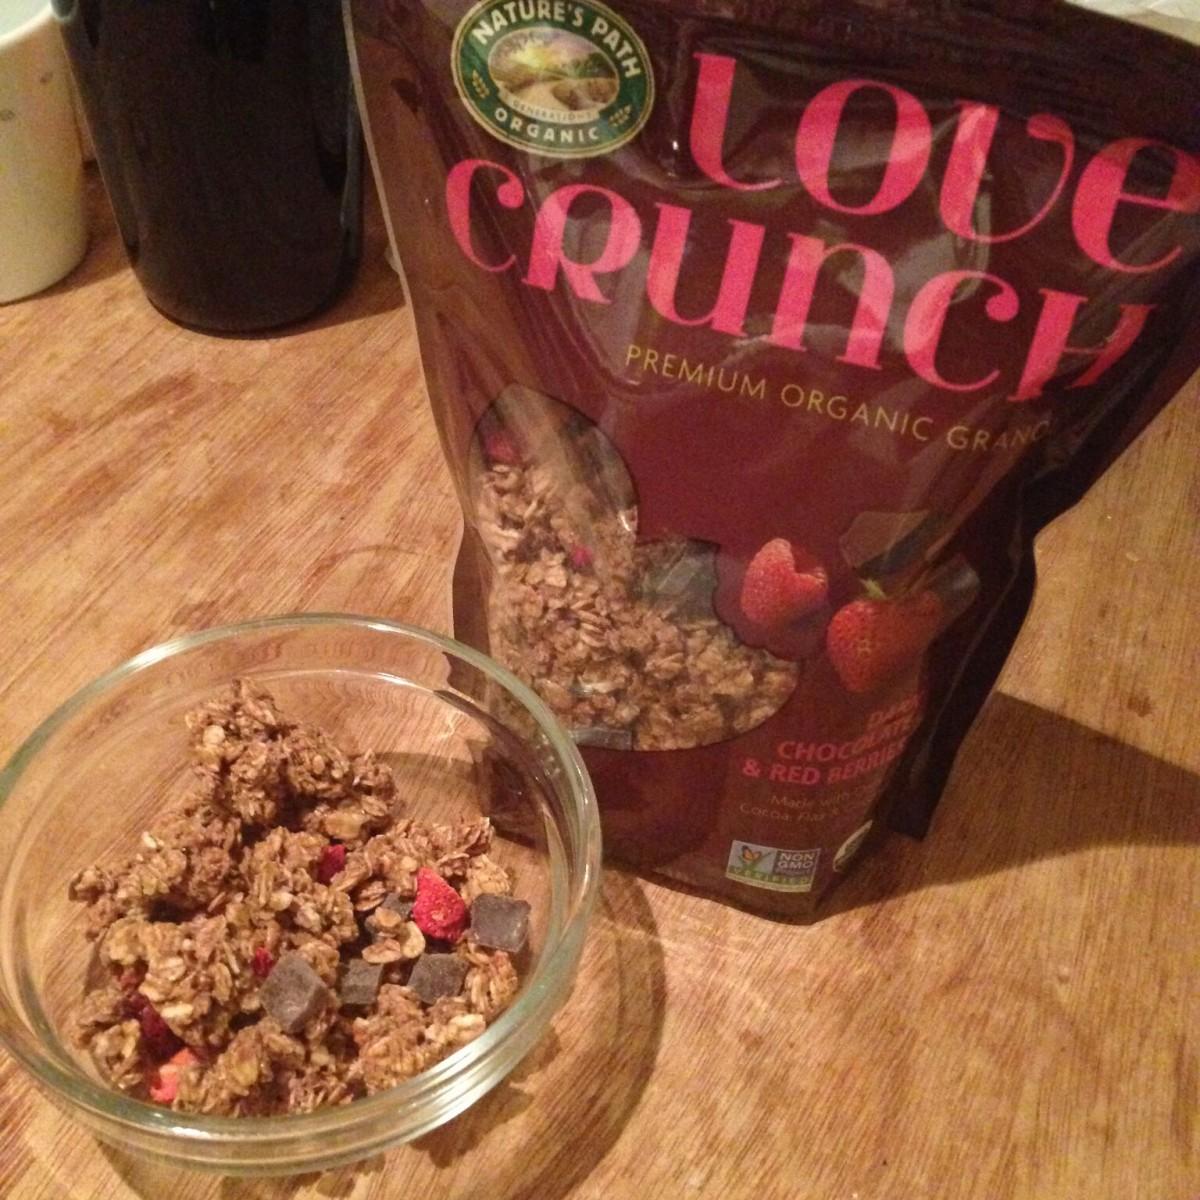 最近のお気に入り。「ラブクランチ オーガニックグラノーラ ダークチョコレート&レッドベリー」